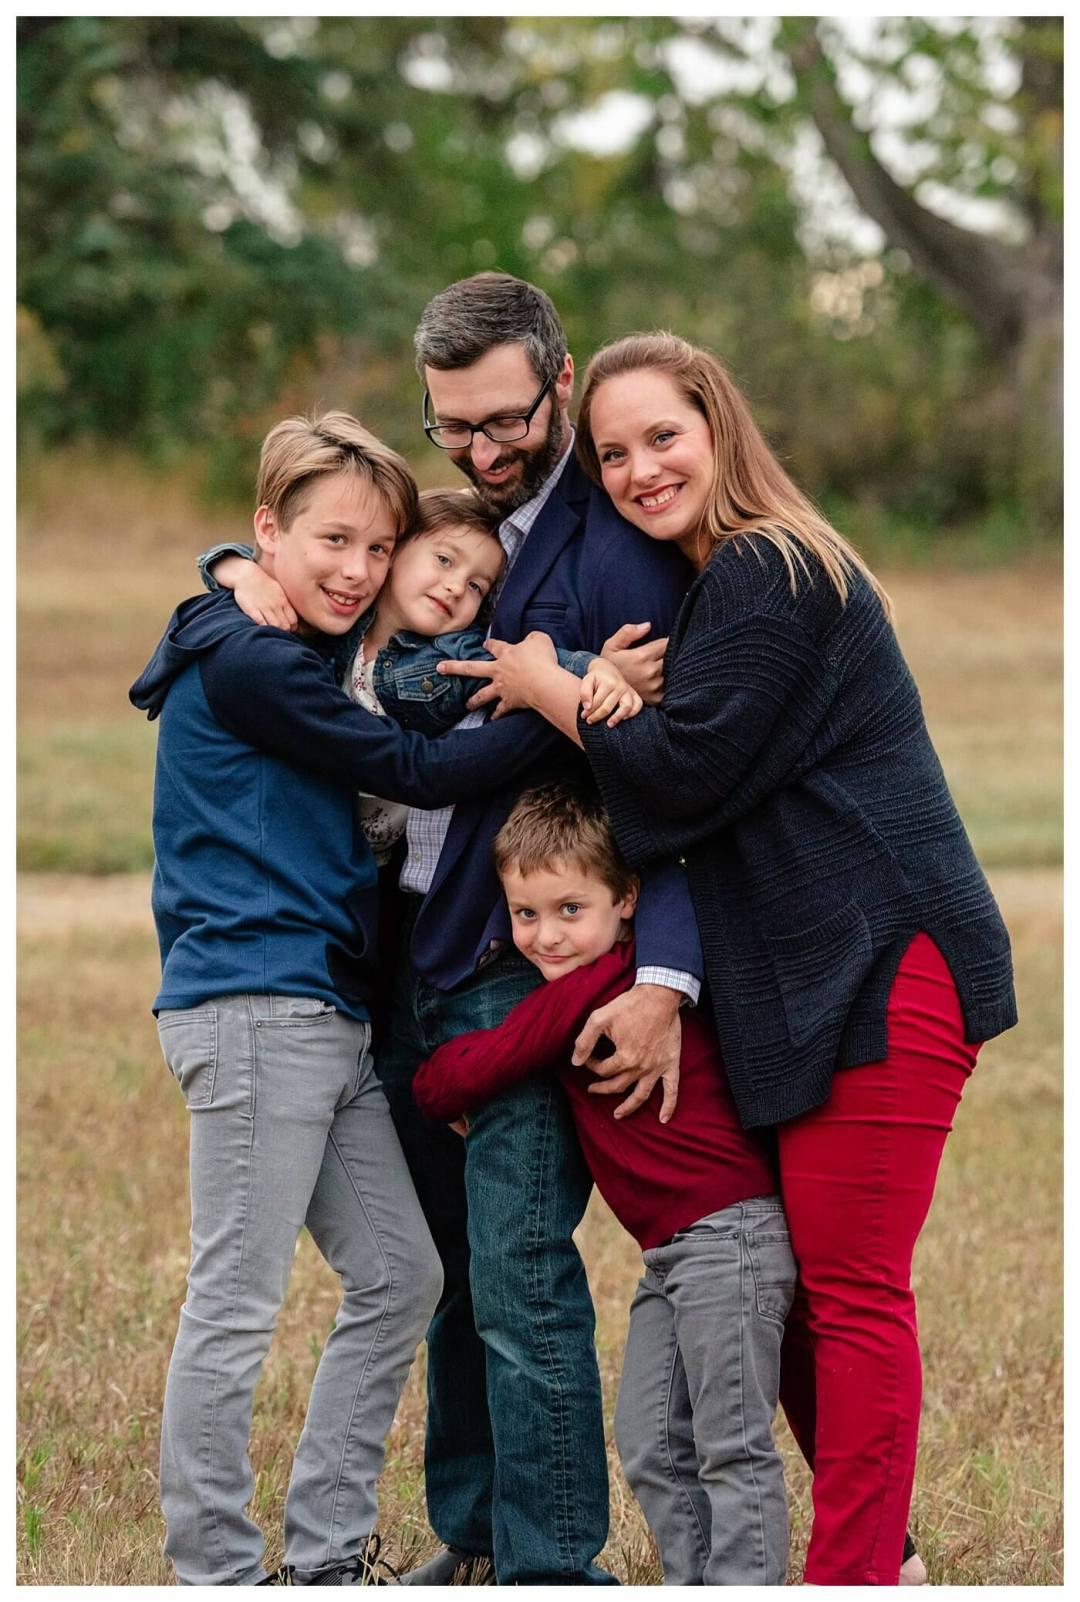 Schlamp Family 2020 - 010 - Regina Family Photographer - Family hugging